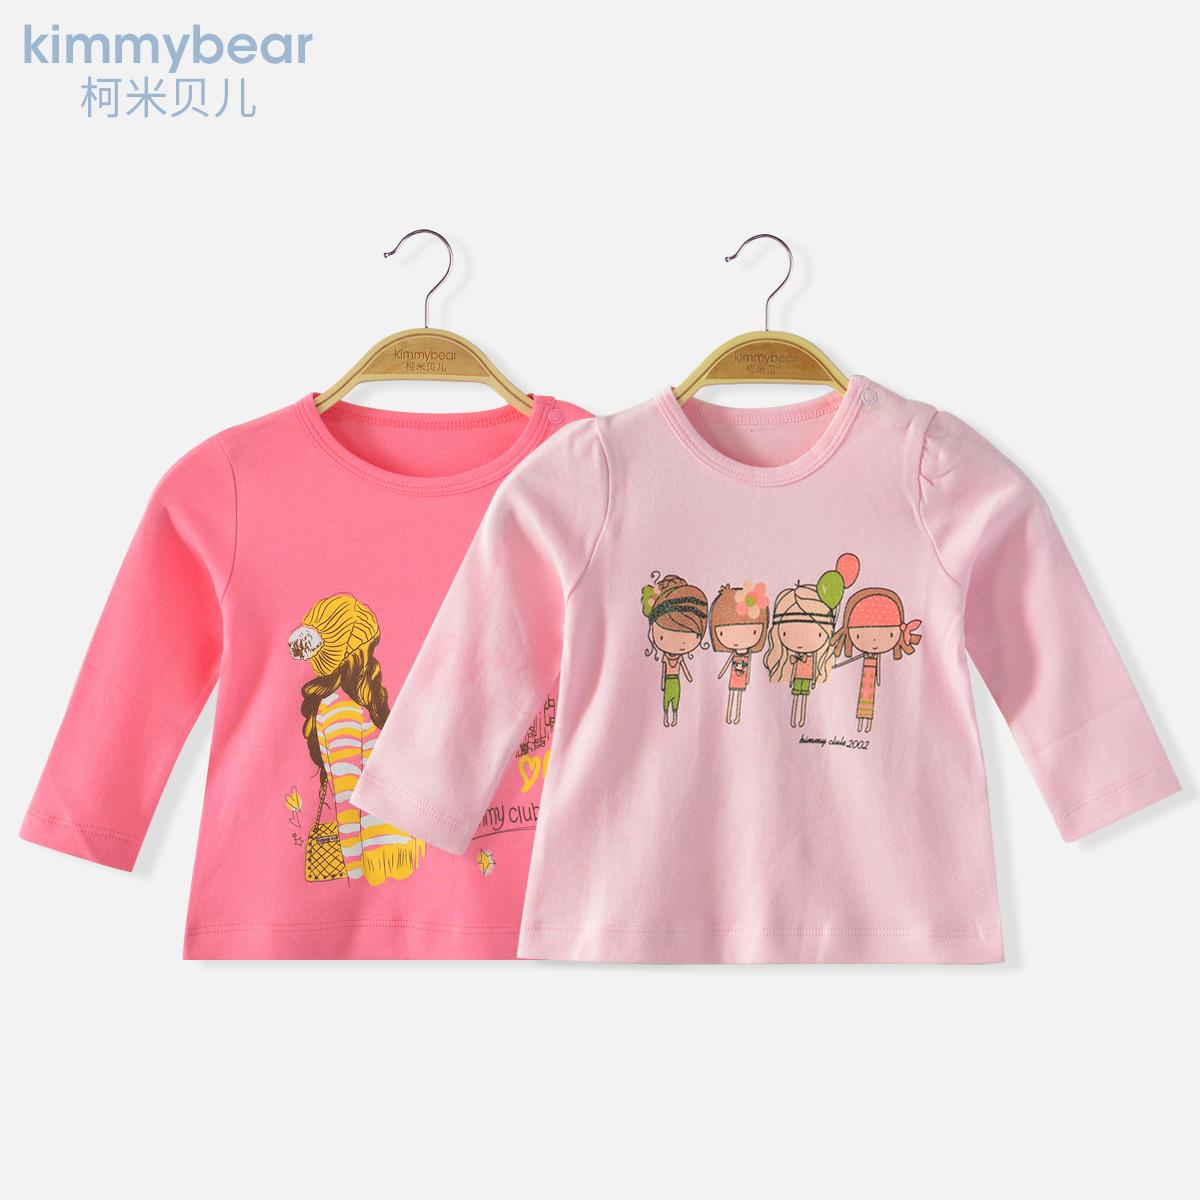 女童纯棉春秋长袖T恤打底衫婴儿圆领上衣 1-2-3-4岁女宝宝春装单T